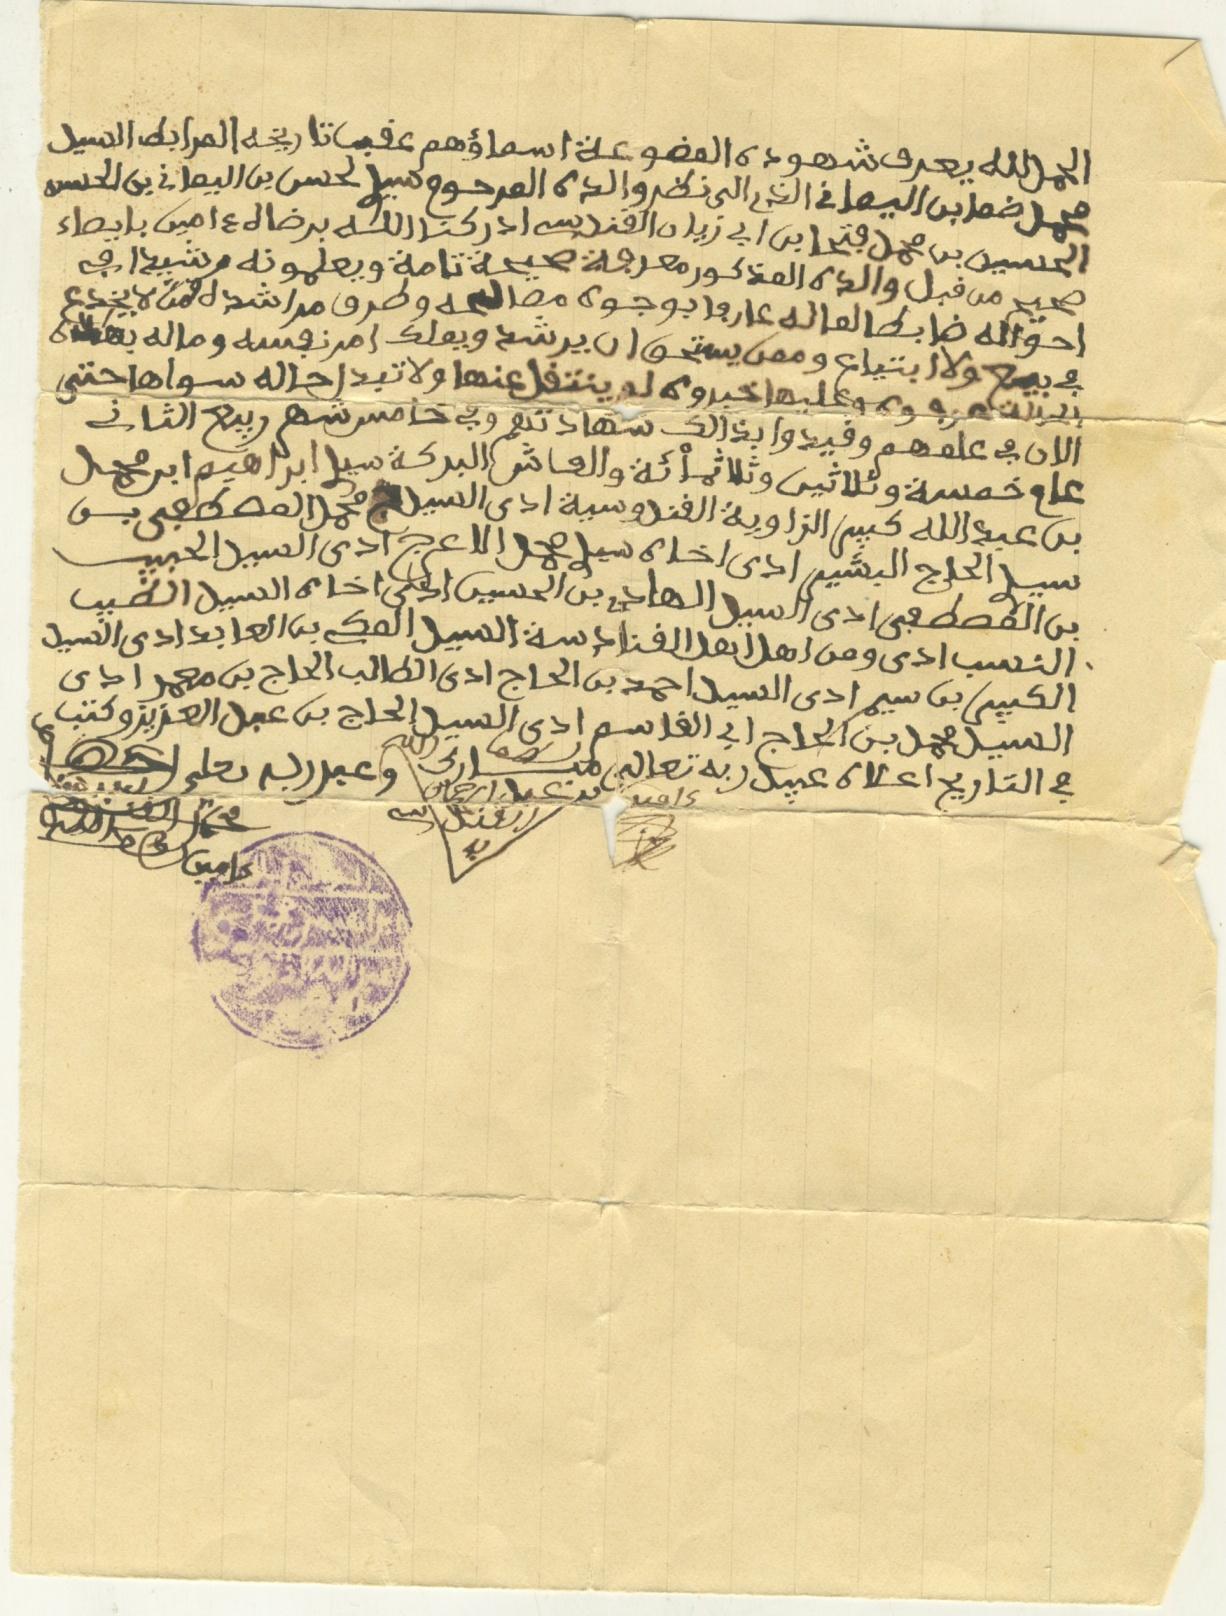 التعريف بالمرابط القندوسي الشريف سيدي محمد بن يماني